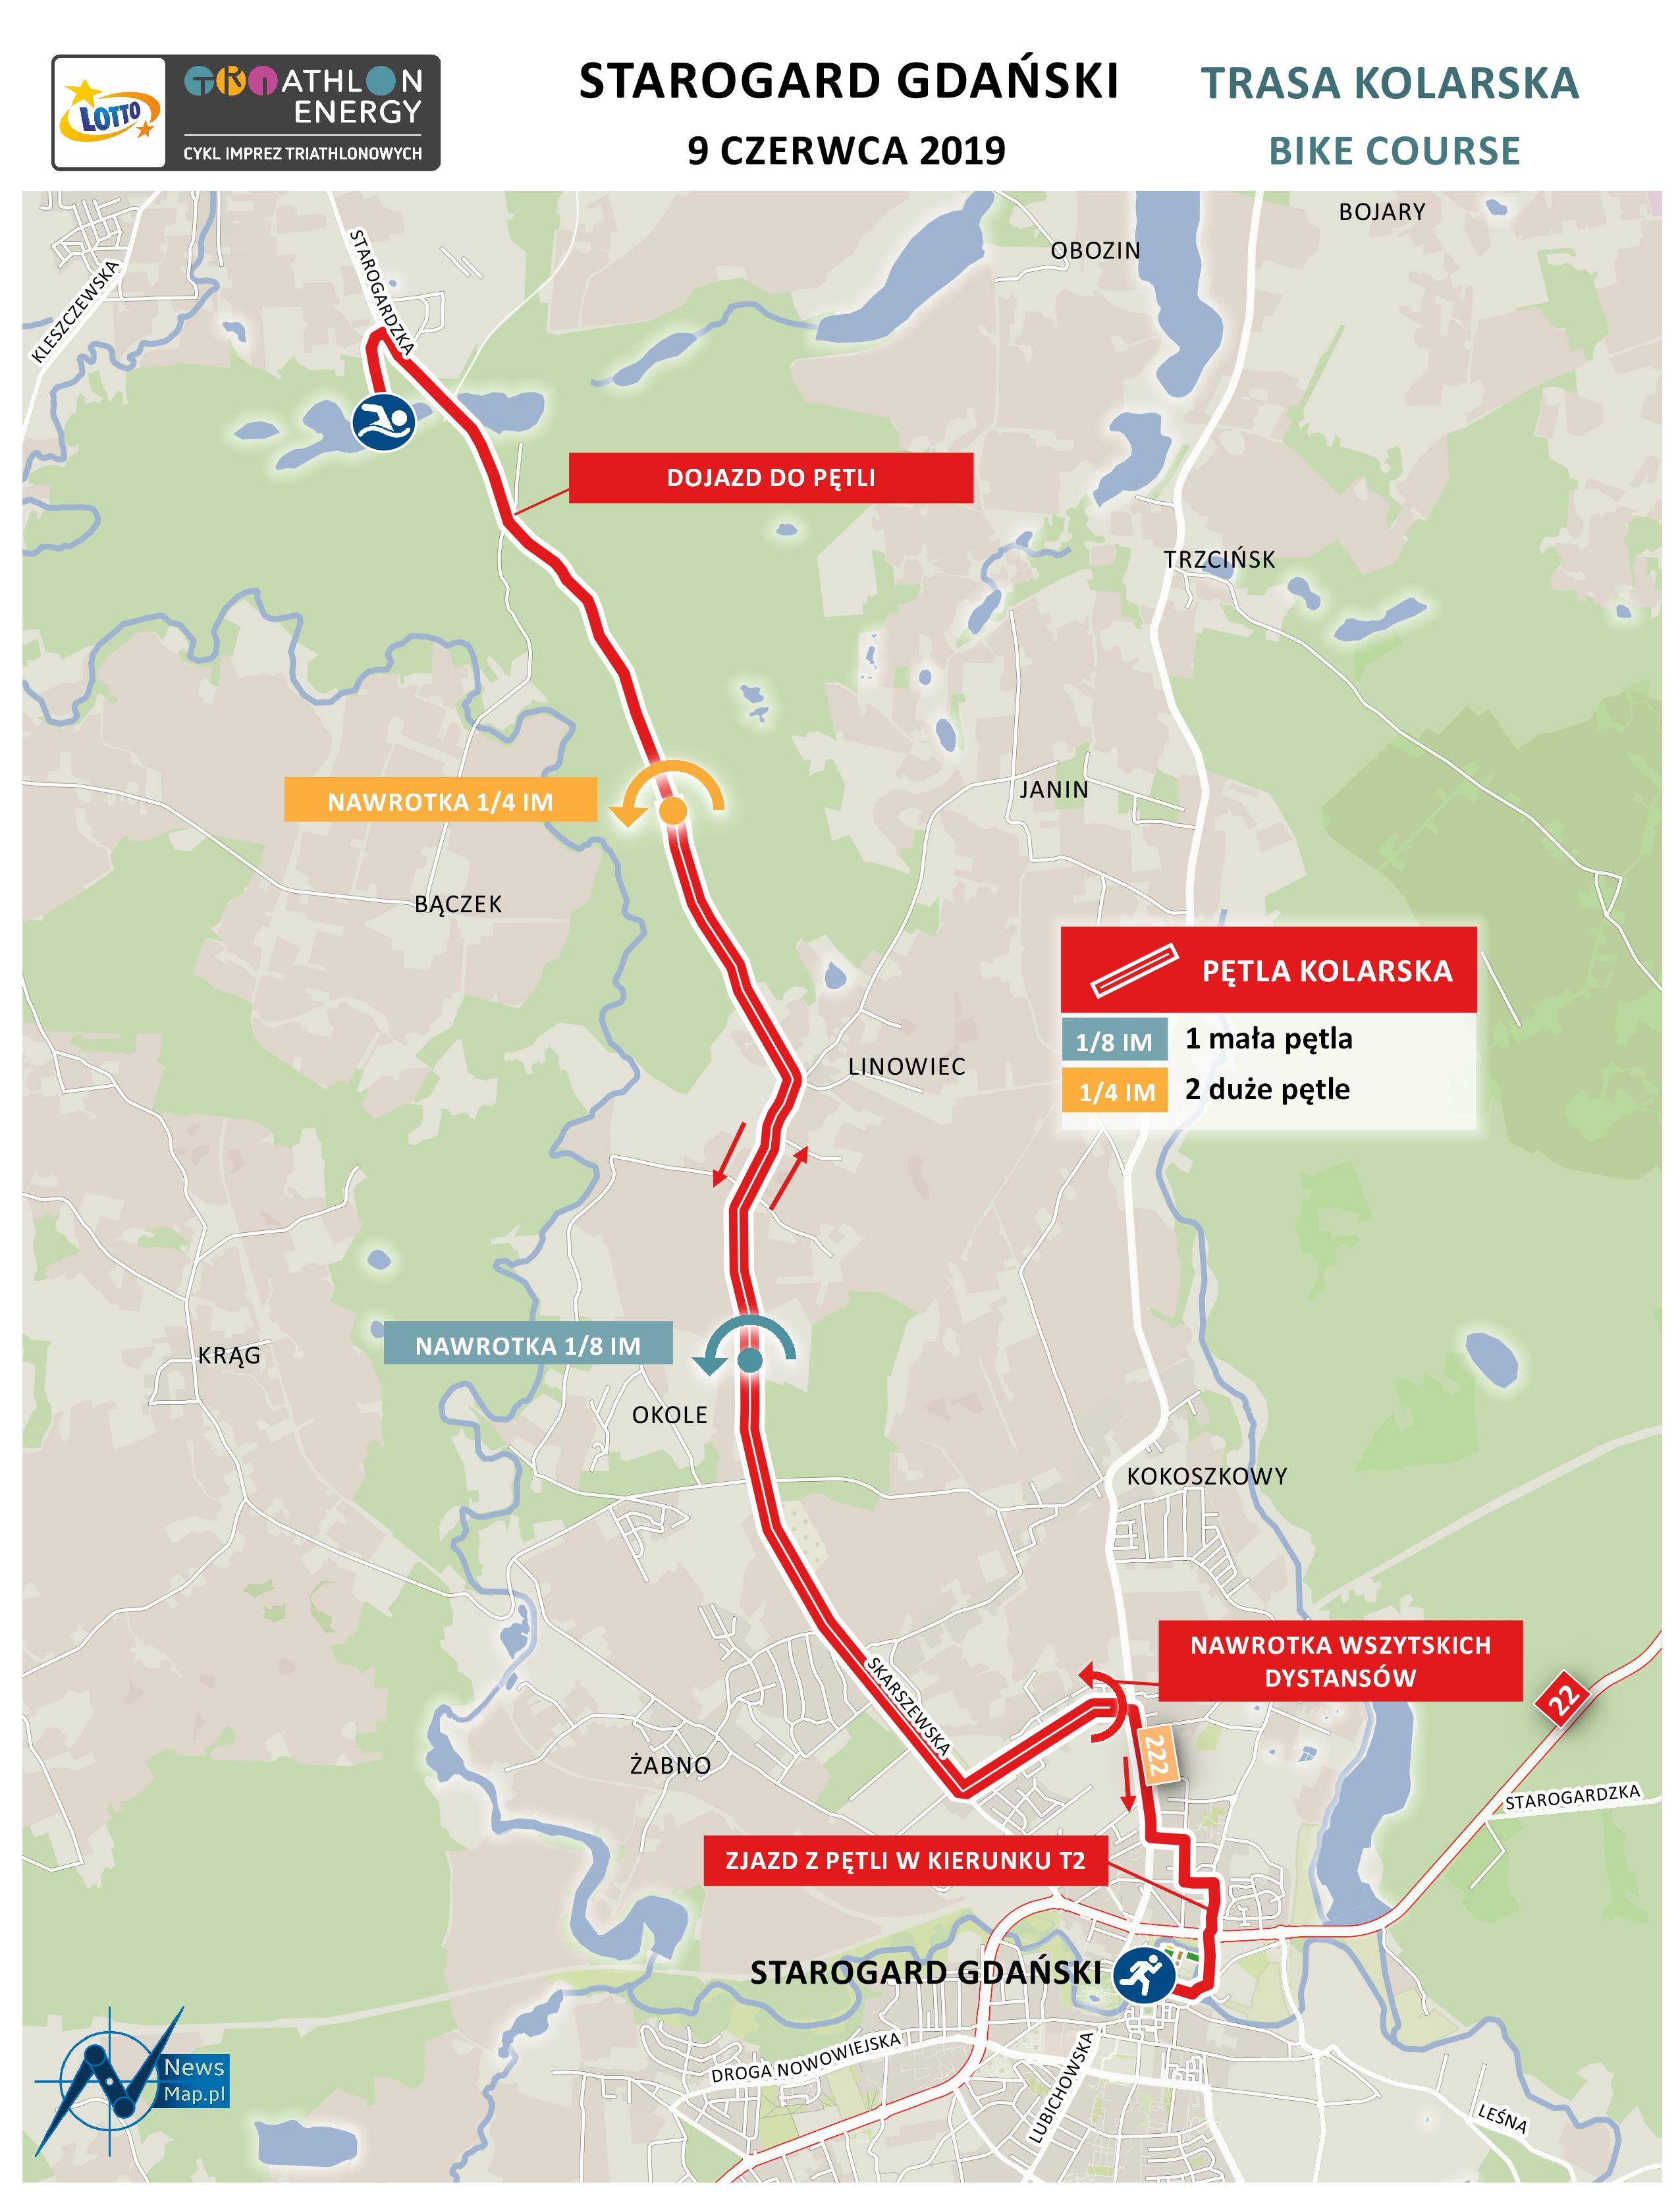 Mapa statyczna Starogard 2019 - kolarstwo